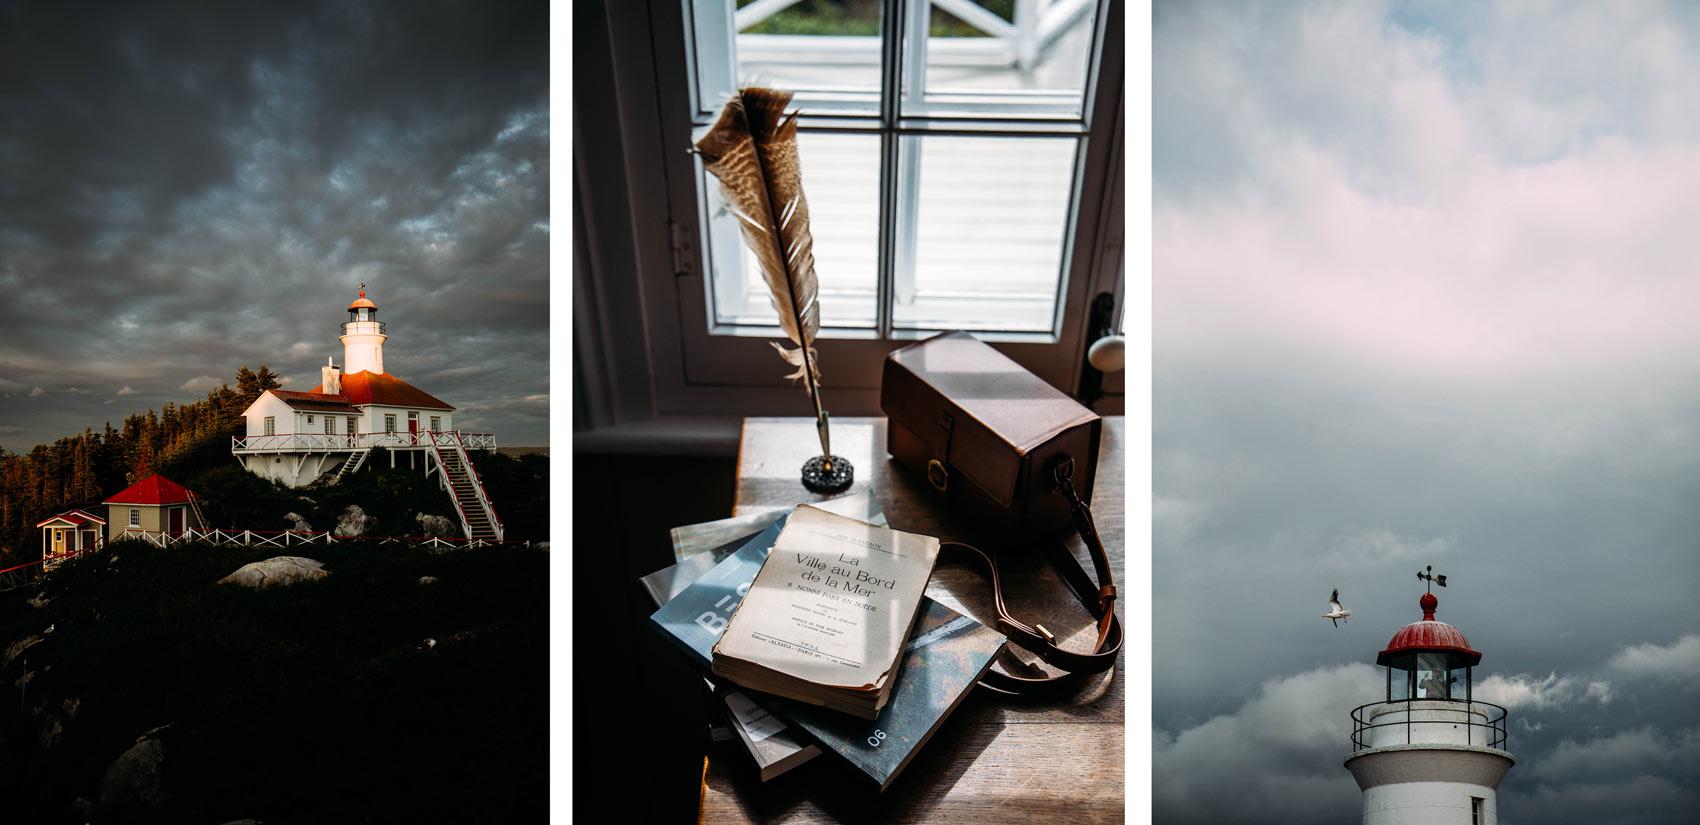 expérience insolite au Québec : dormir dans un phare